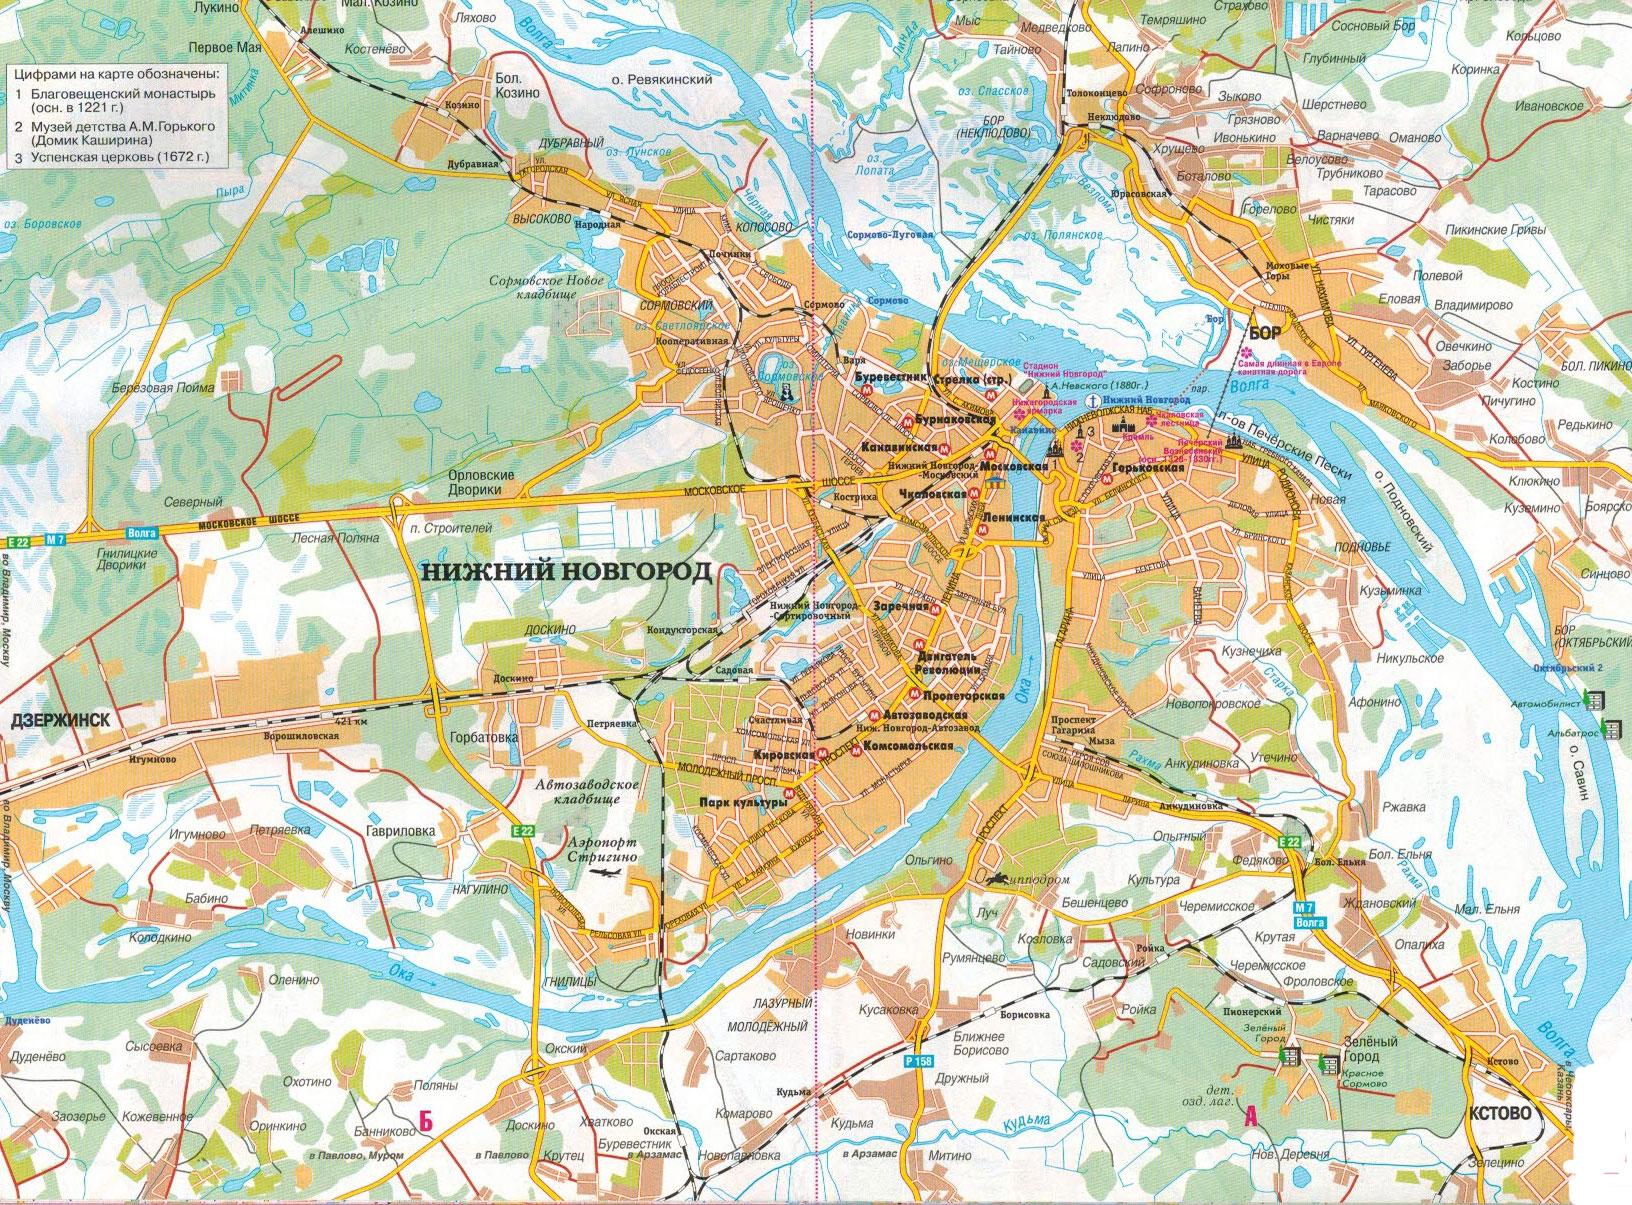 Настенная карта города Нижний Новгород, ламинированная, р-р 1,0*0,75 м